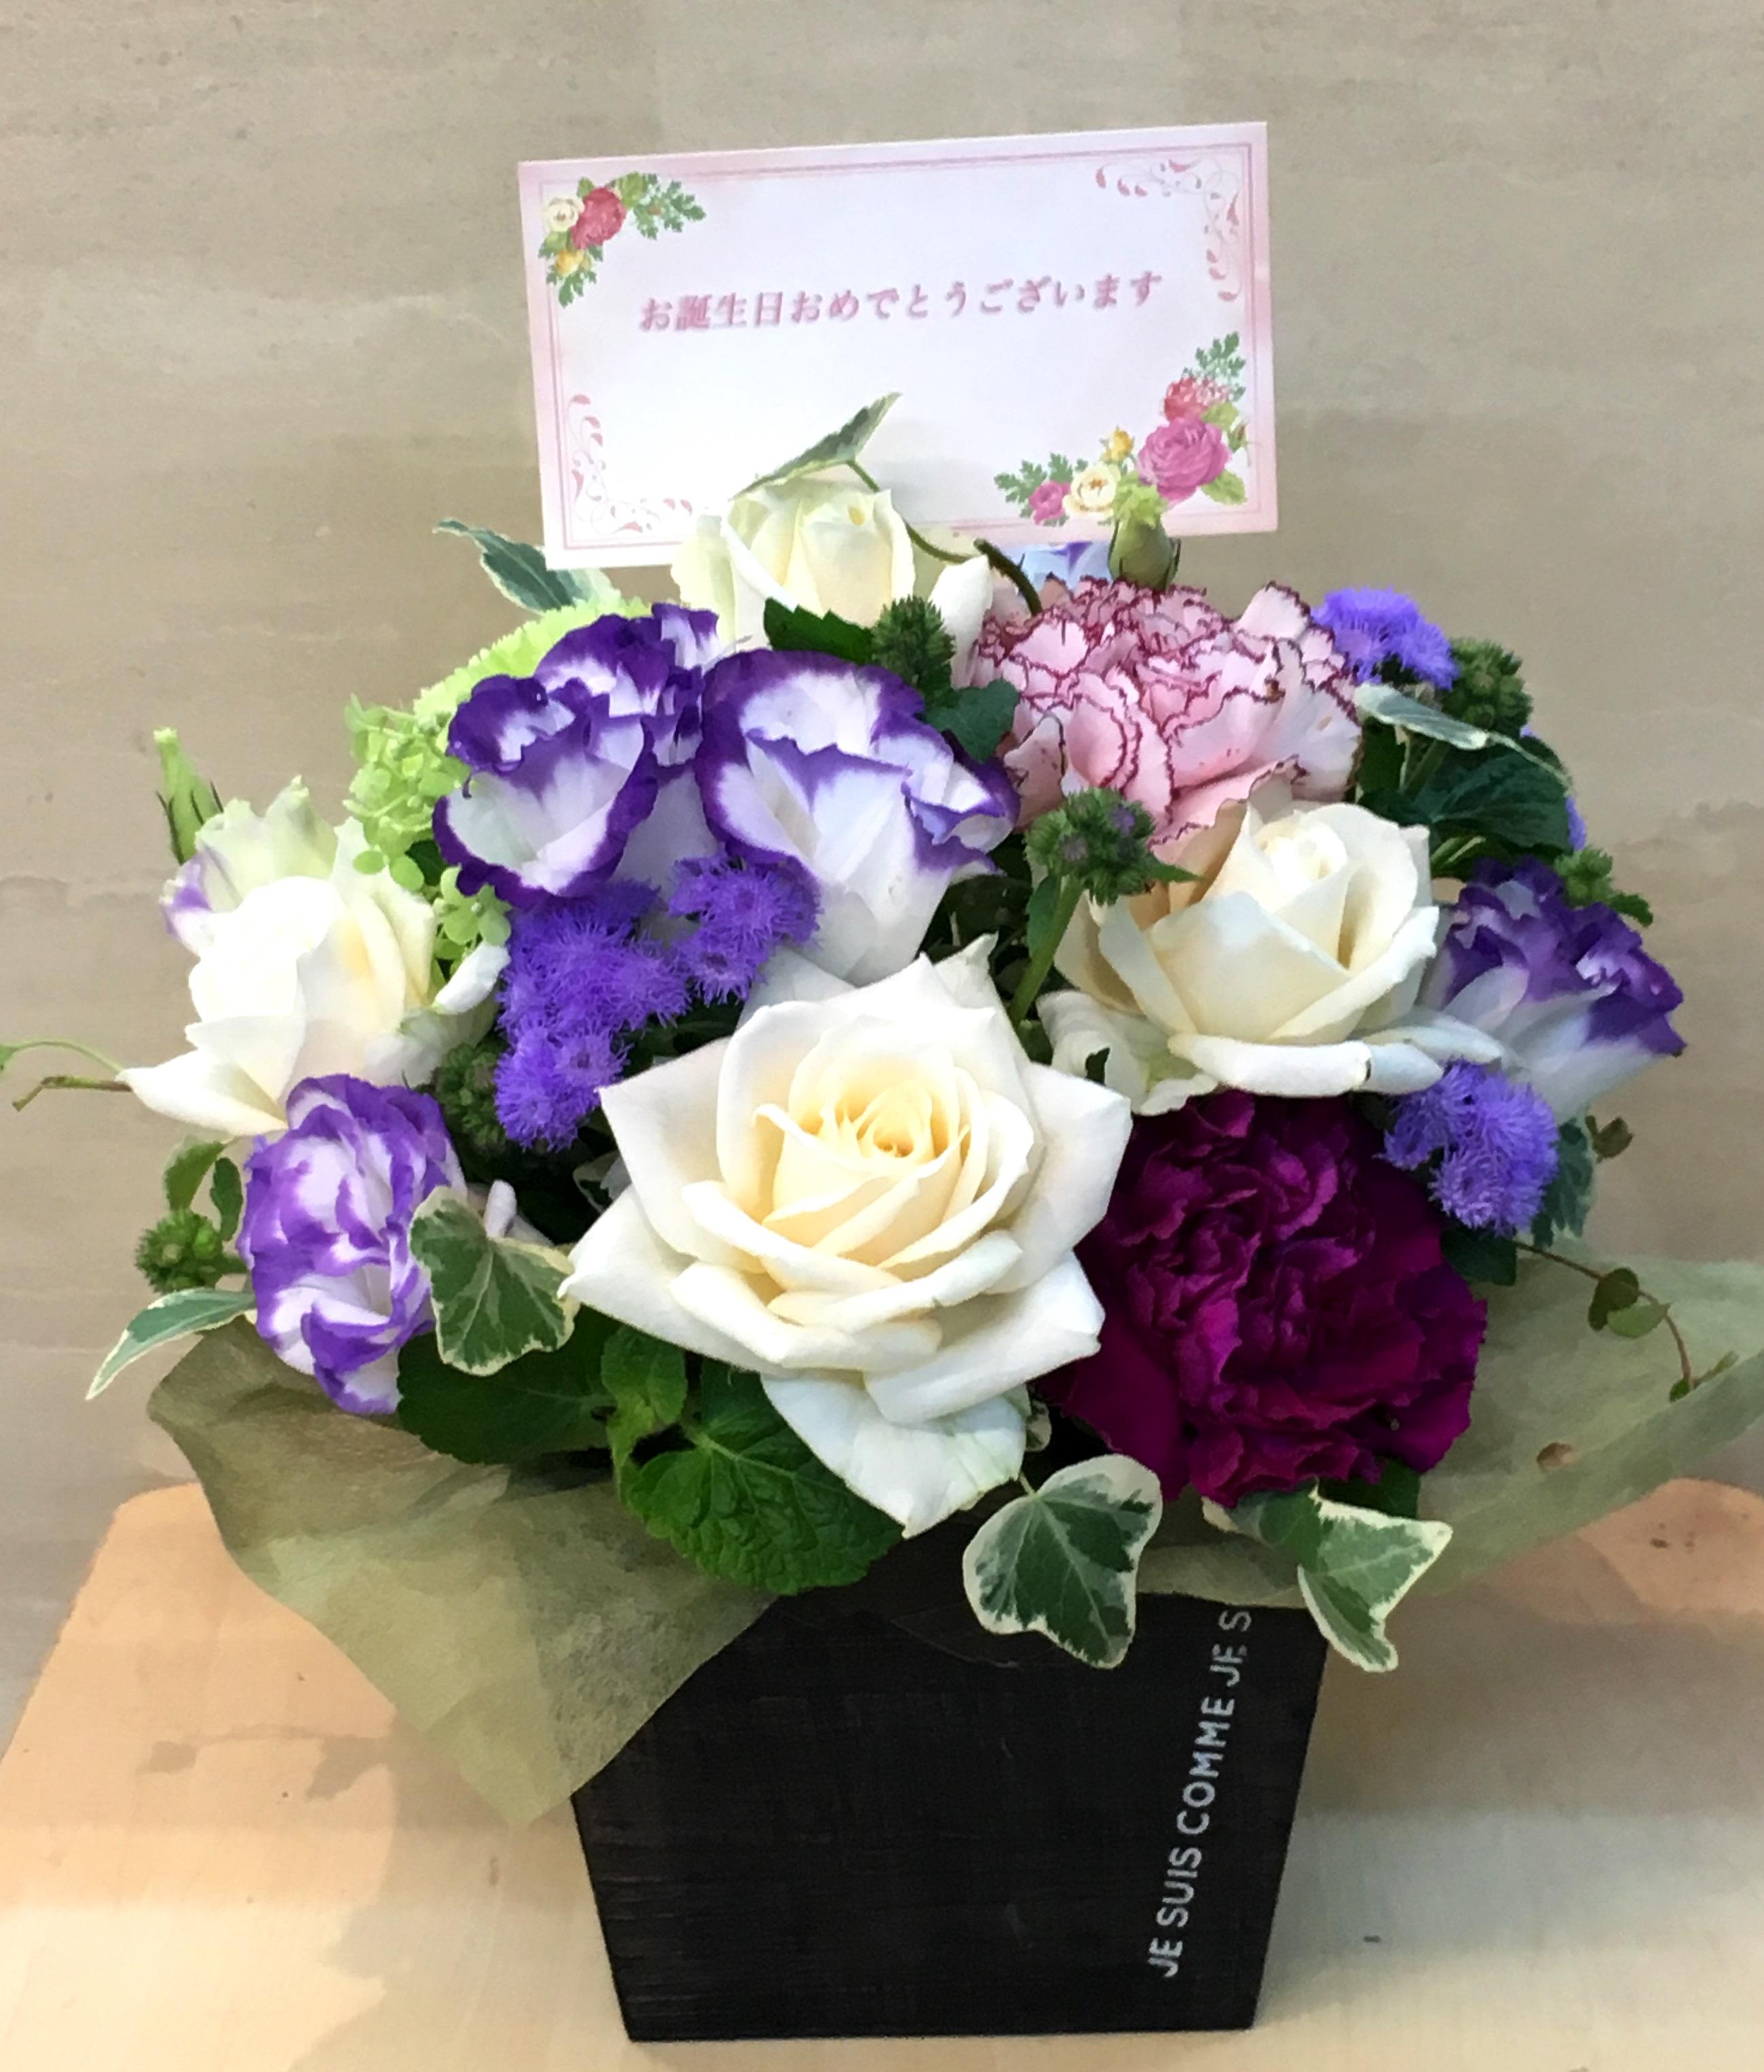 【ナオ花屋の納品事例96】横浜市関内の法人企業様へアレンジメントを配達しました!